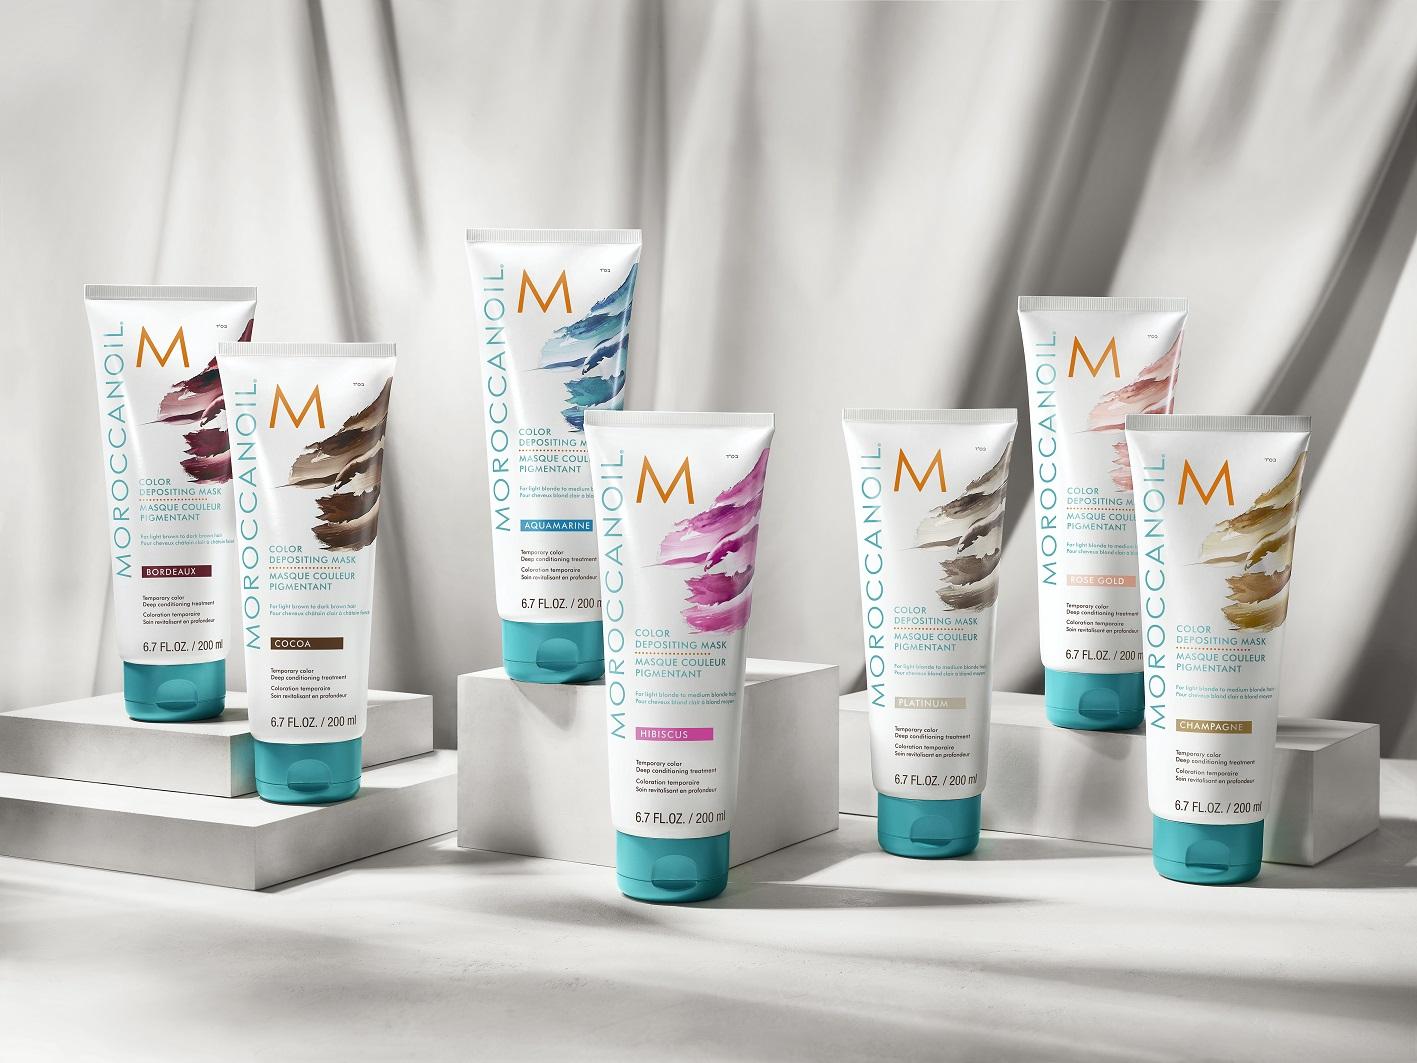 סדרת הצבעים החדשים לשיער של Moroccanoil